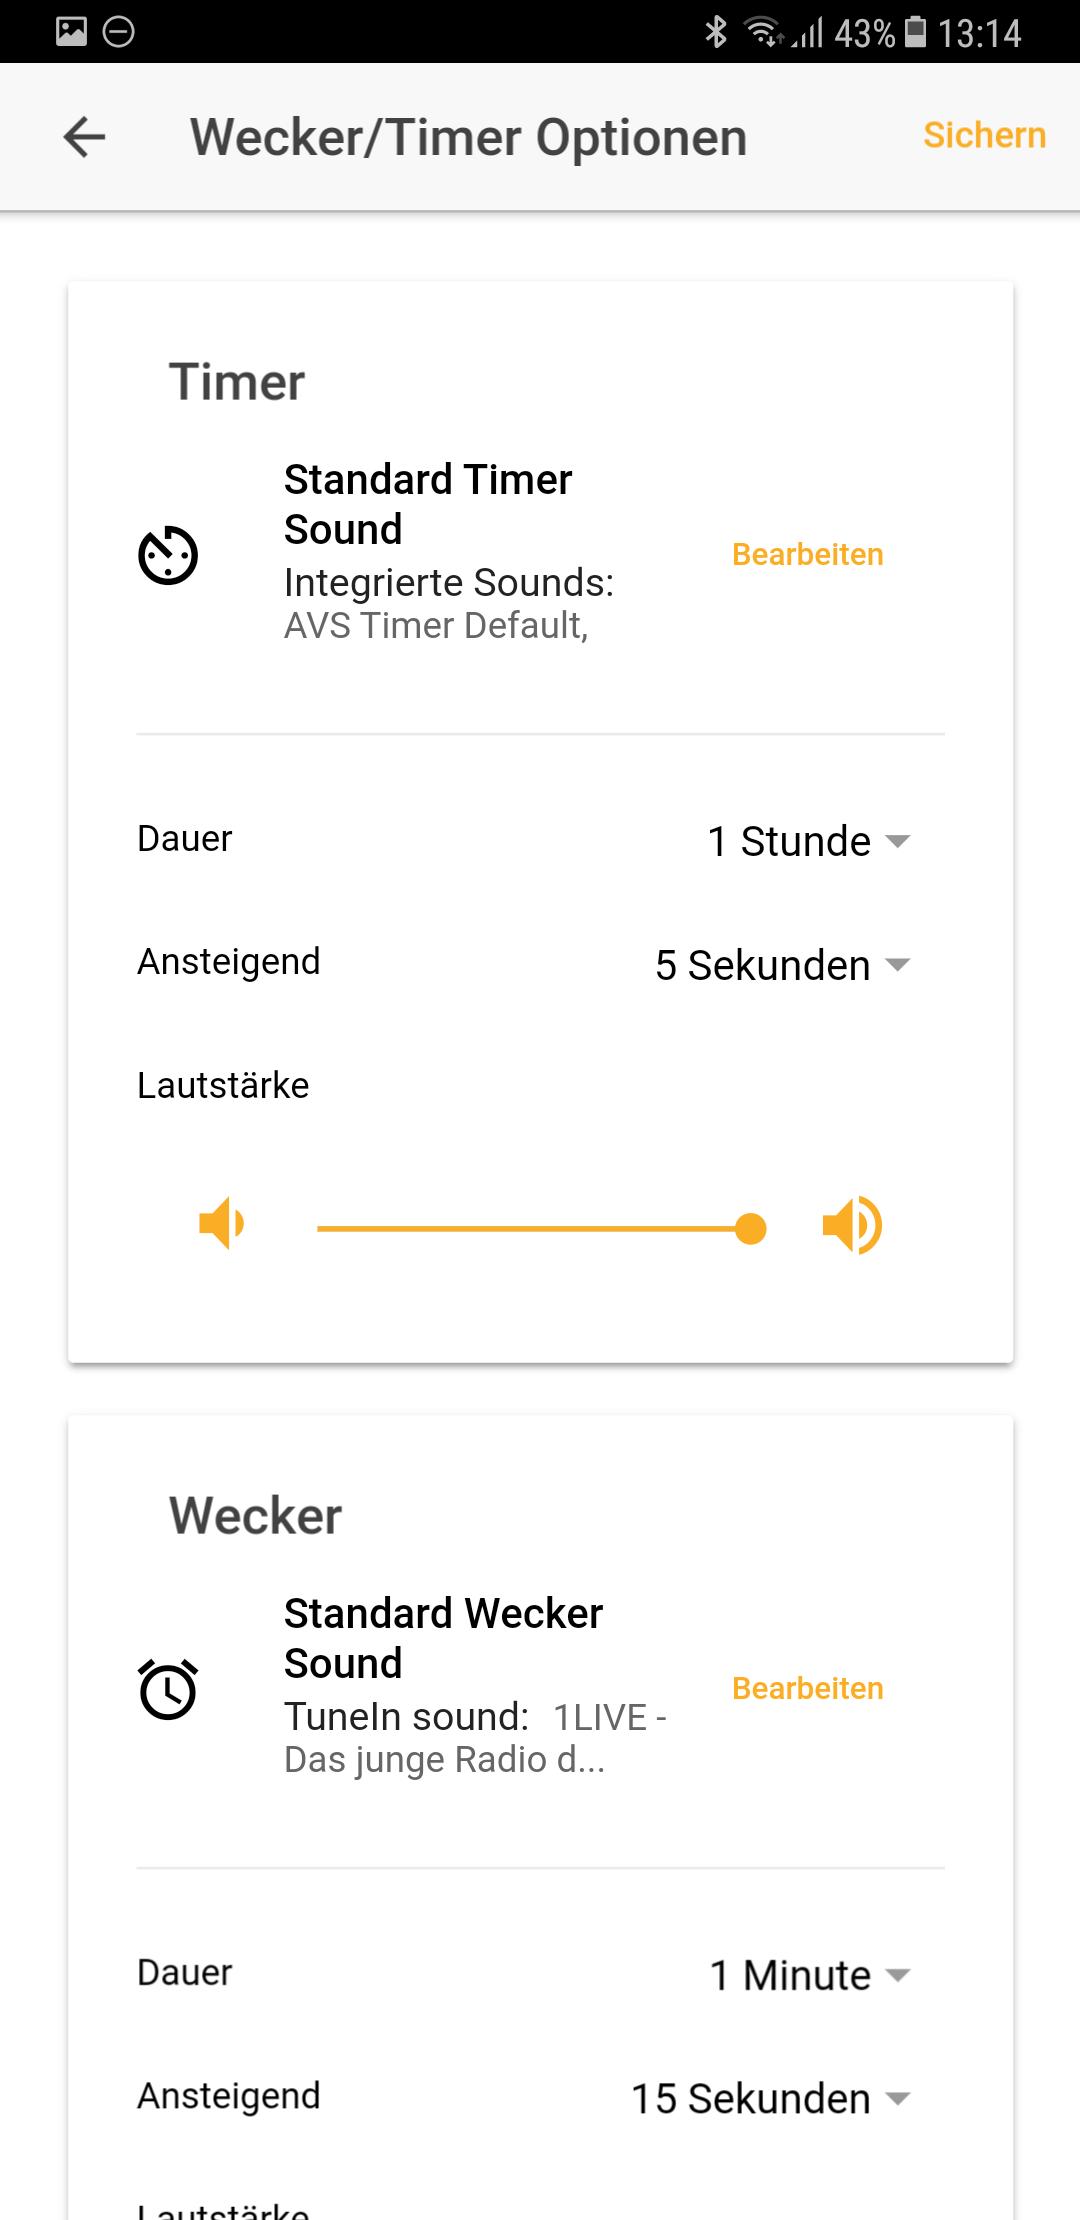 Wecker Optionen Vobot Smart Alarm Clock